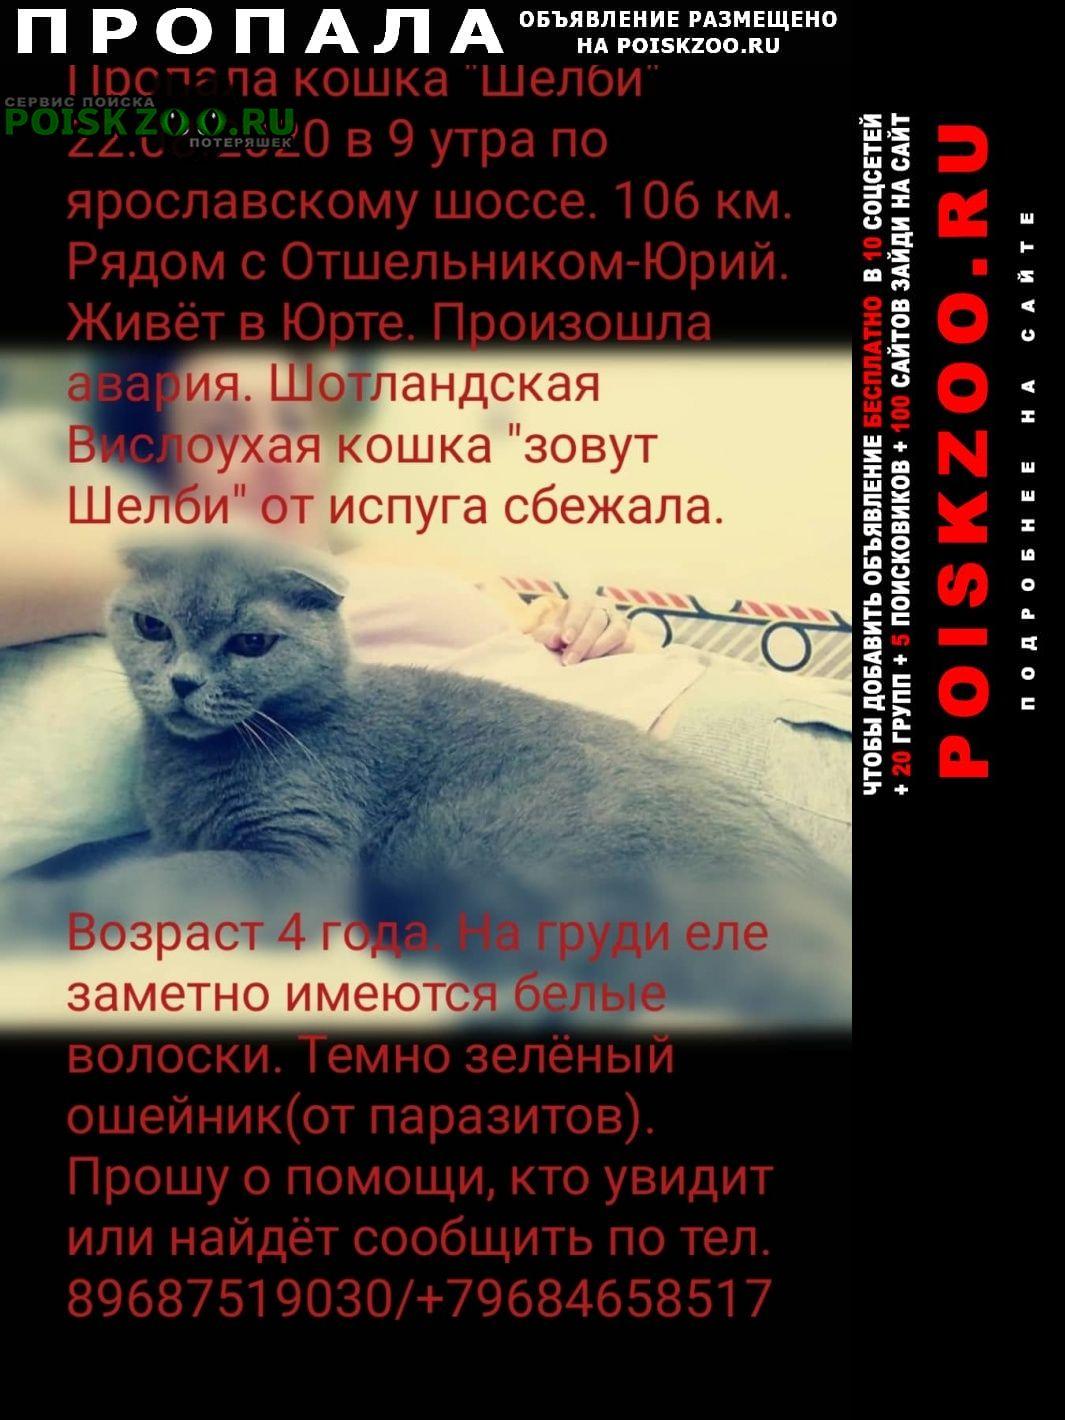 Пропала кошка sos. ярославское шоссе, 106 км.холмогоры Александров